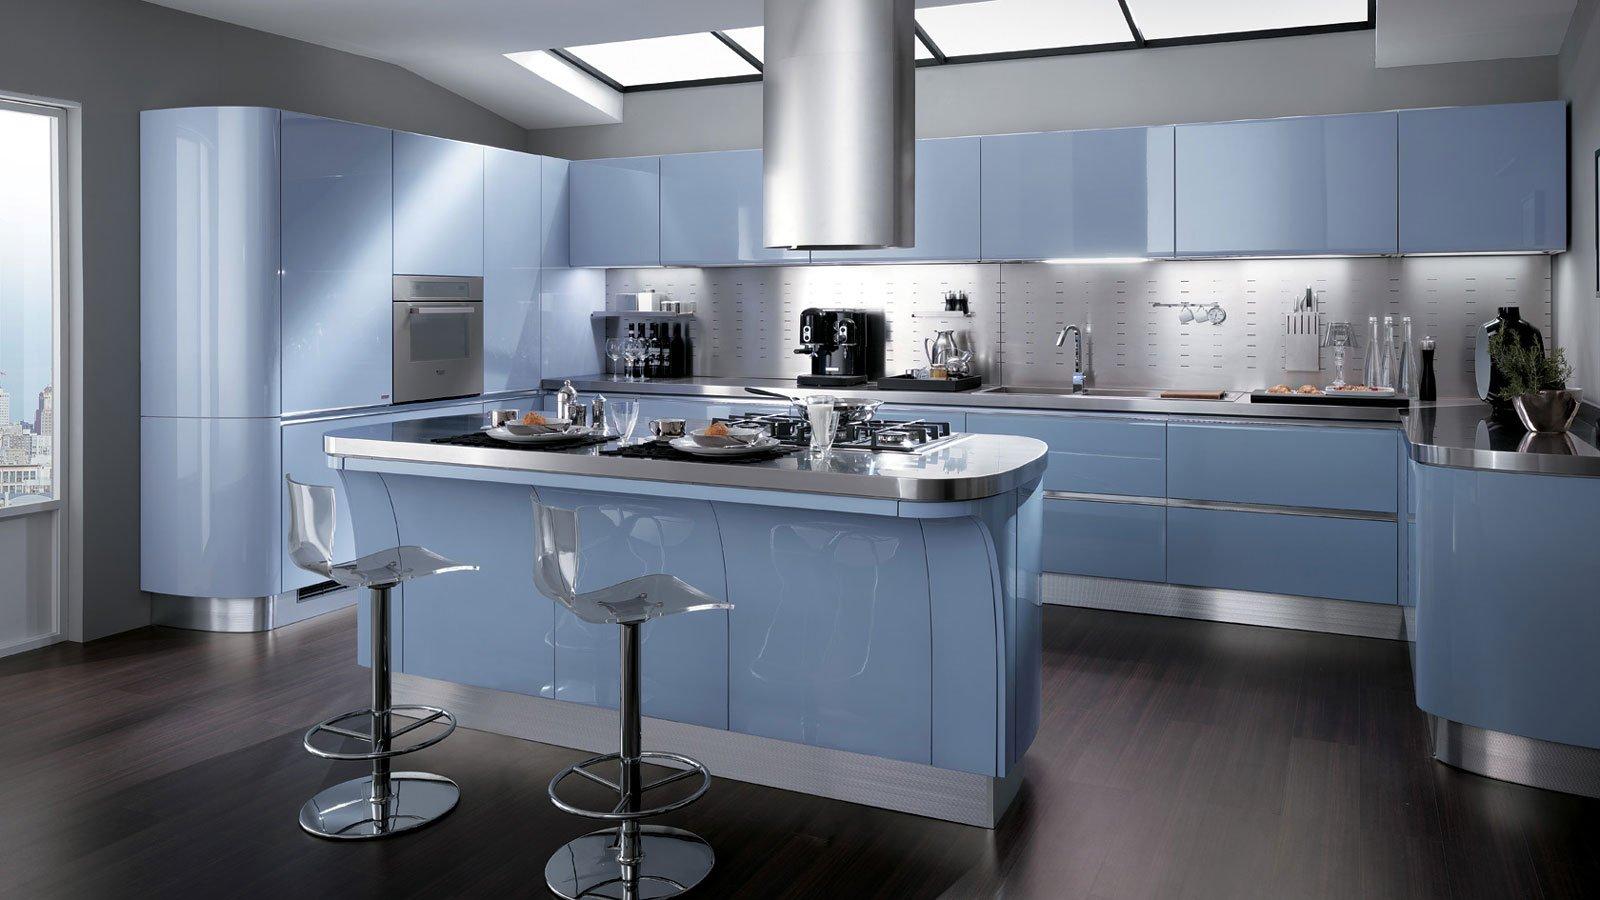 Soluzioni per la mansarda arredo la cucina cose di casa - Cucina scavolini tess ...